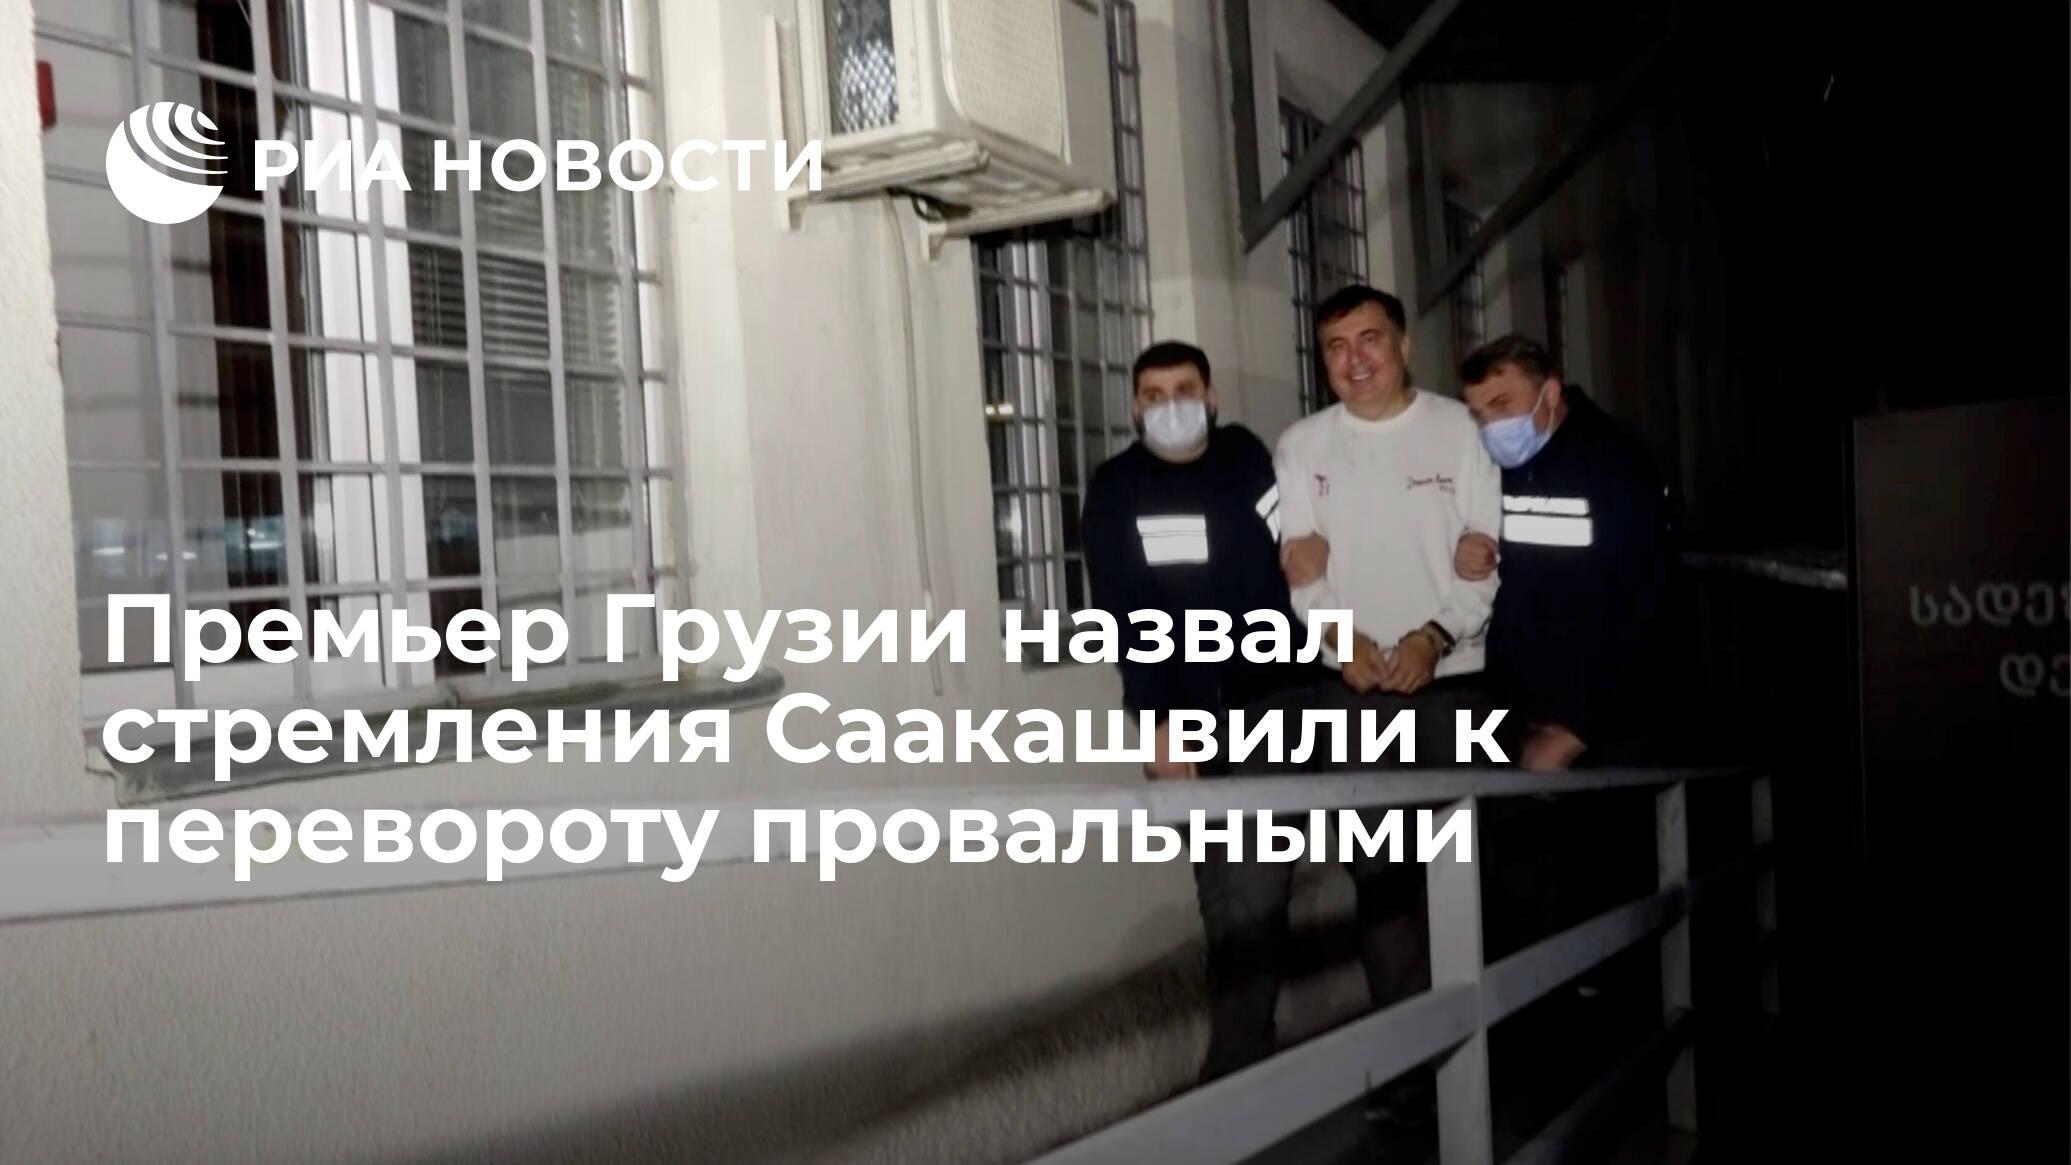 Премьер Грузии назвал стремления Саакашвили к перевороту провальными